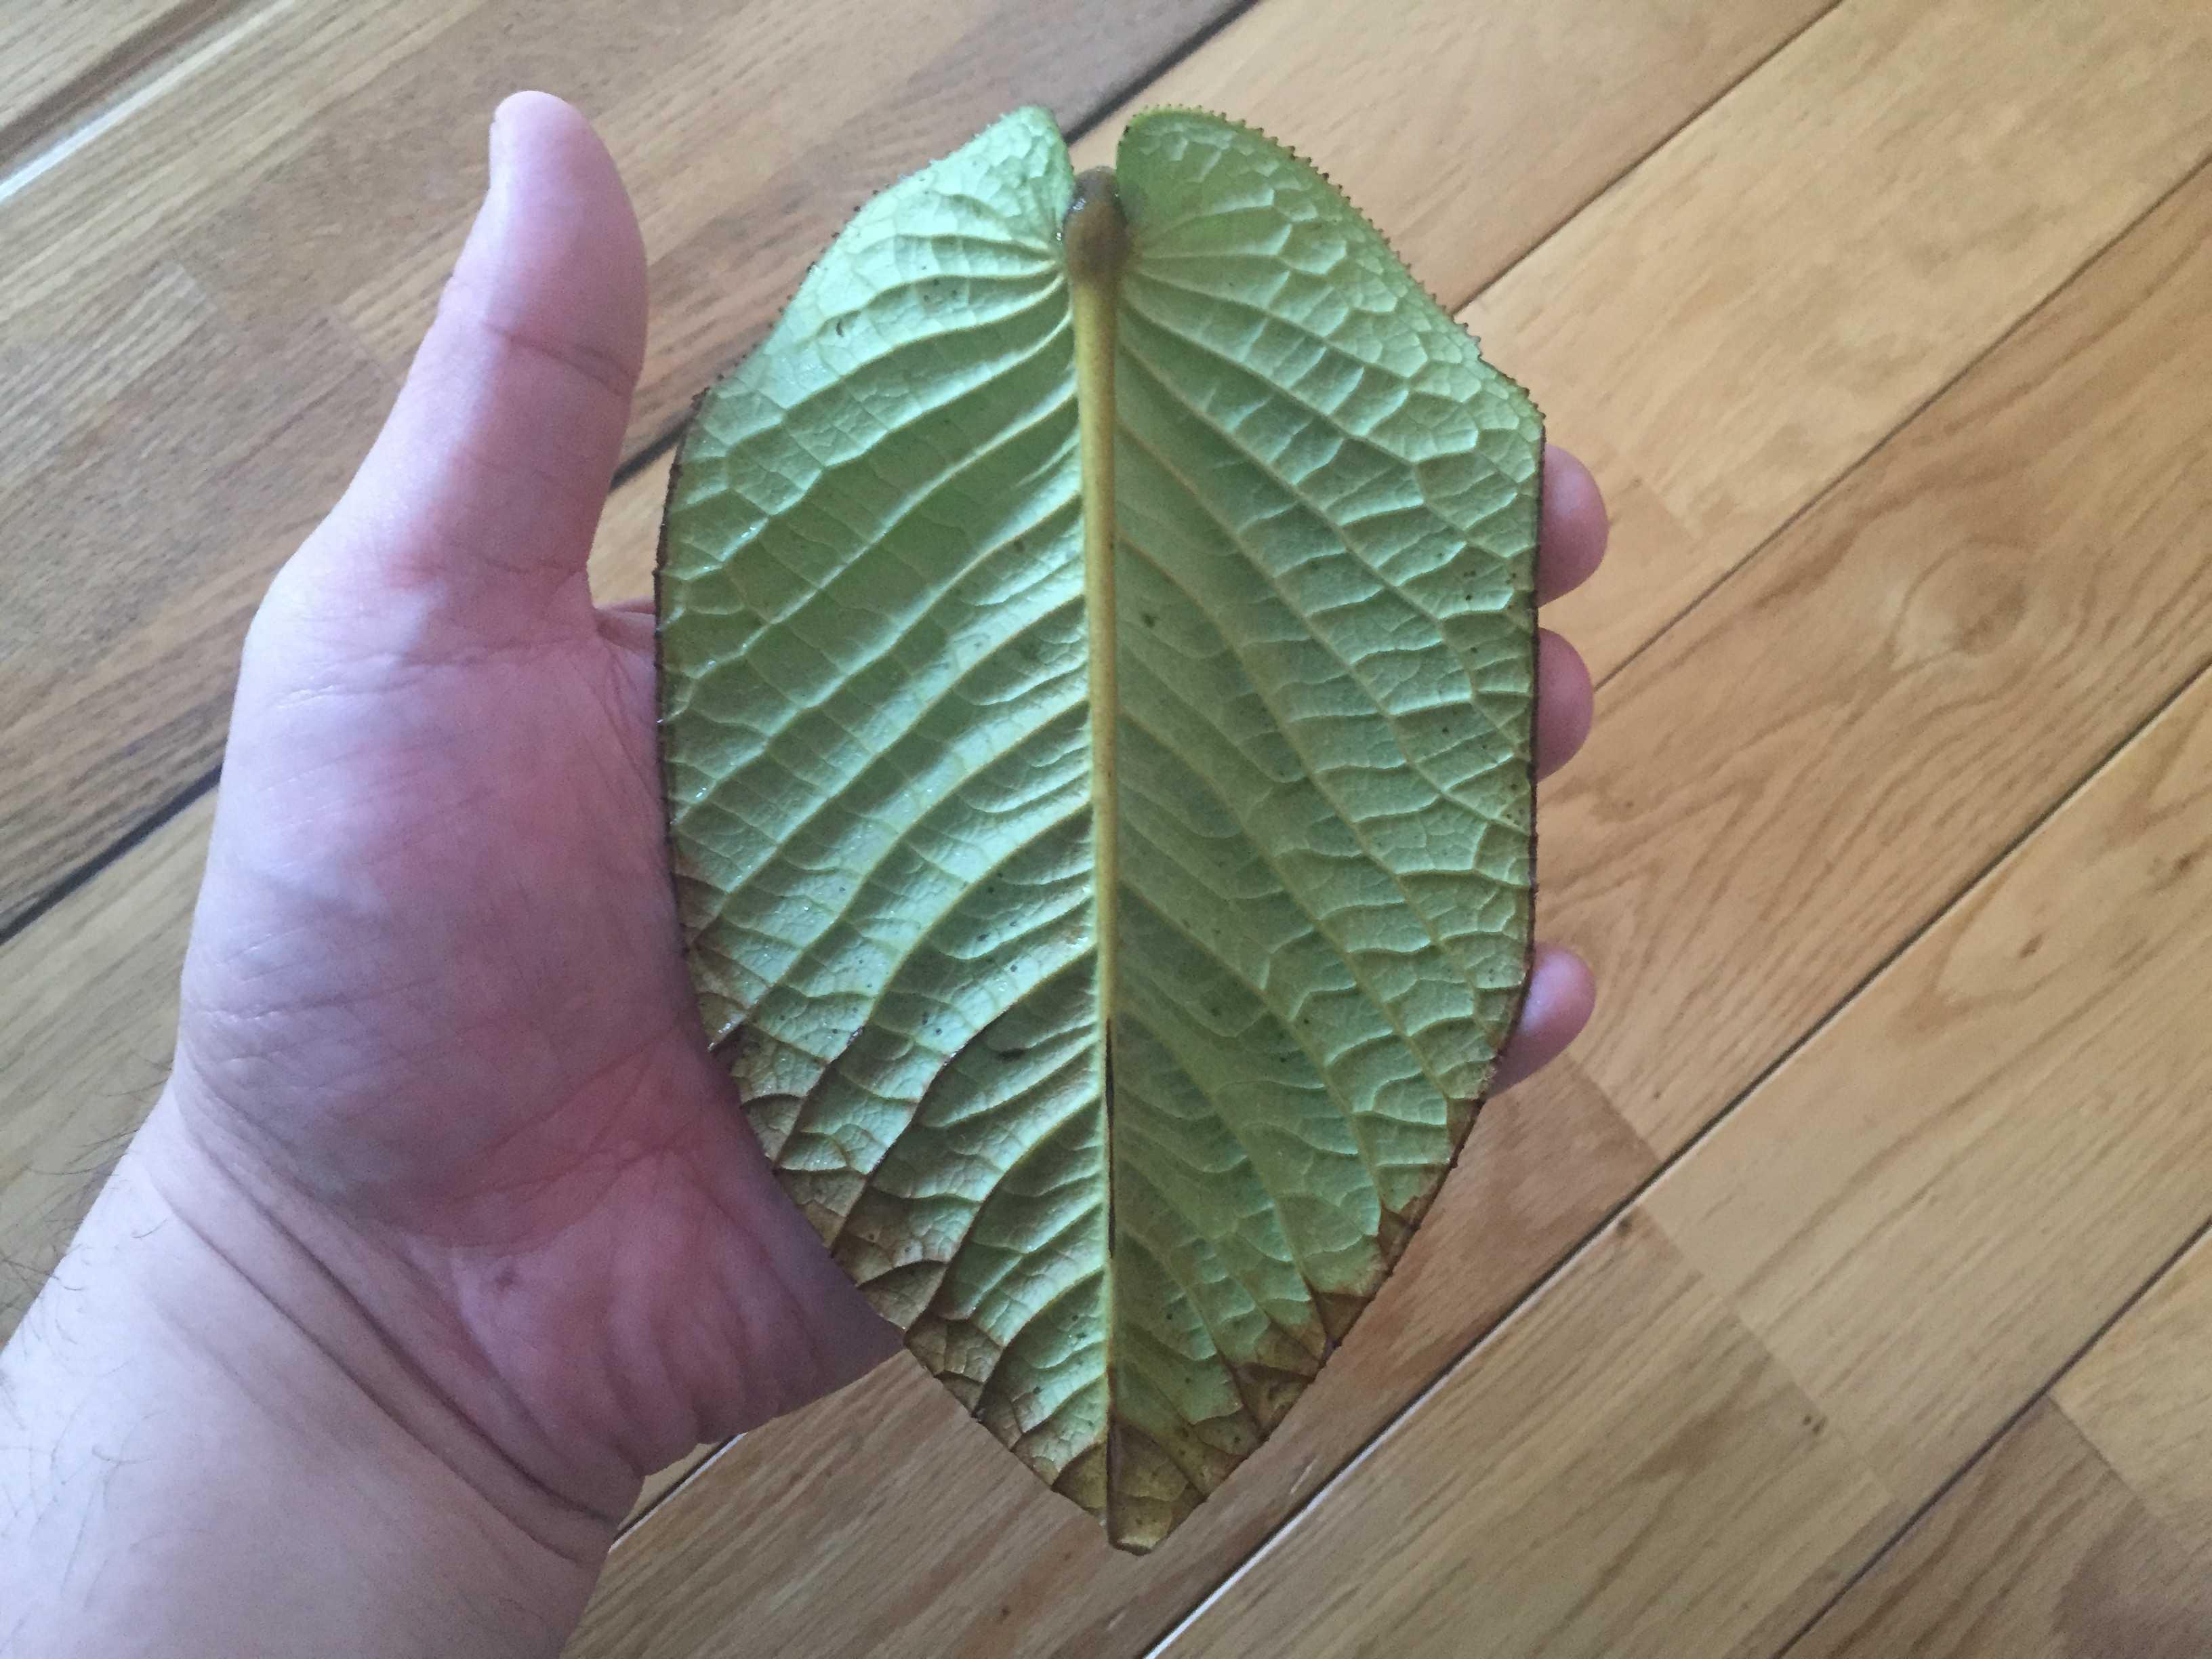 原種椿「ムラウチイ」の葉身 - 葉の裏面